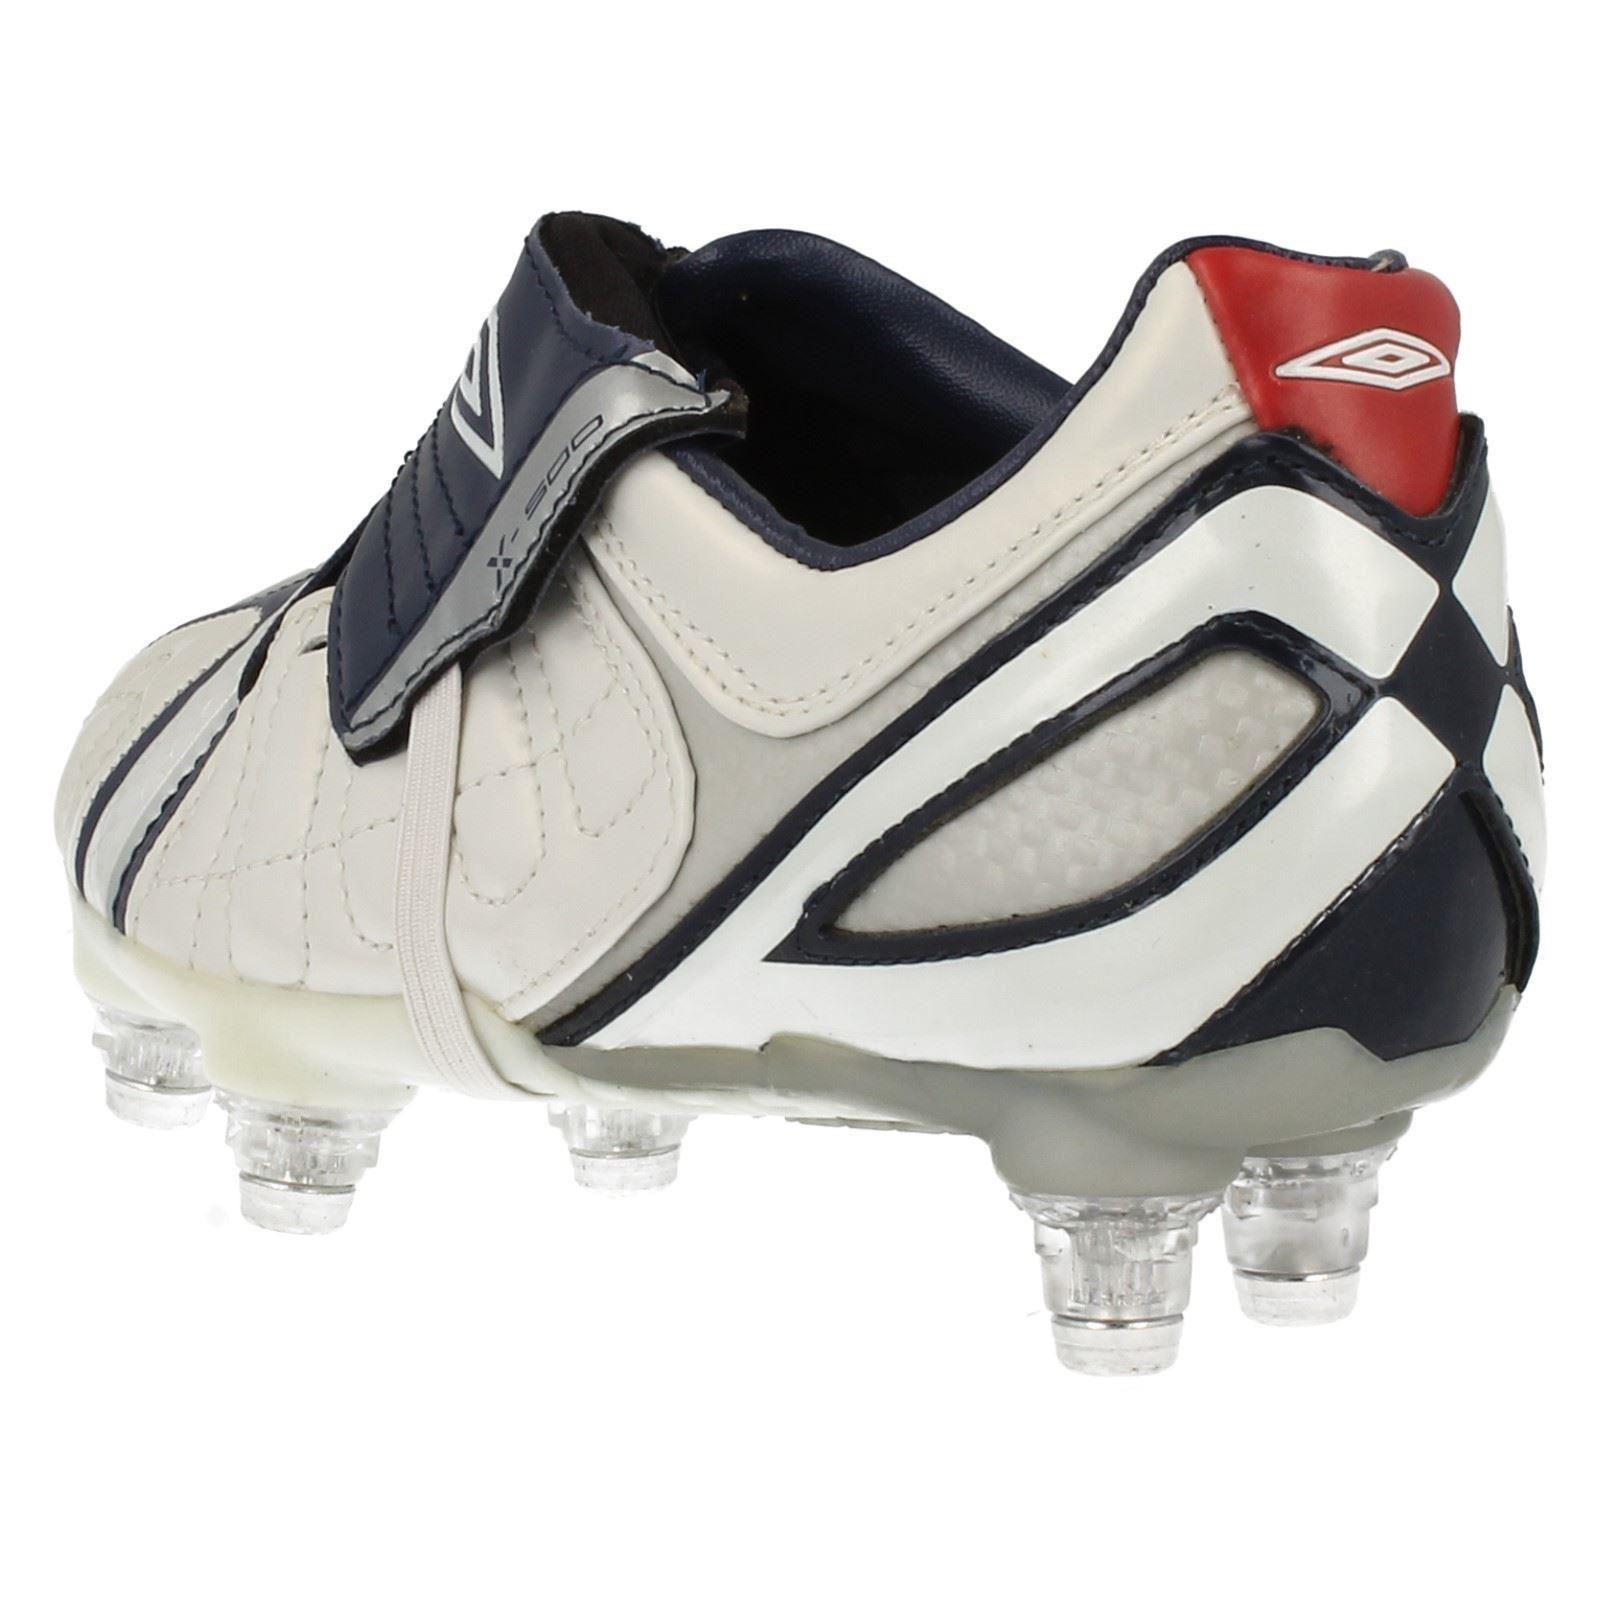 Boys Umbro Football Boots X-500-J SG